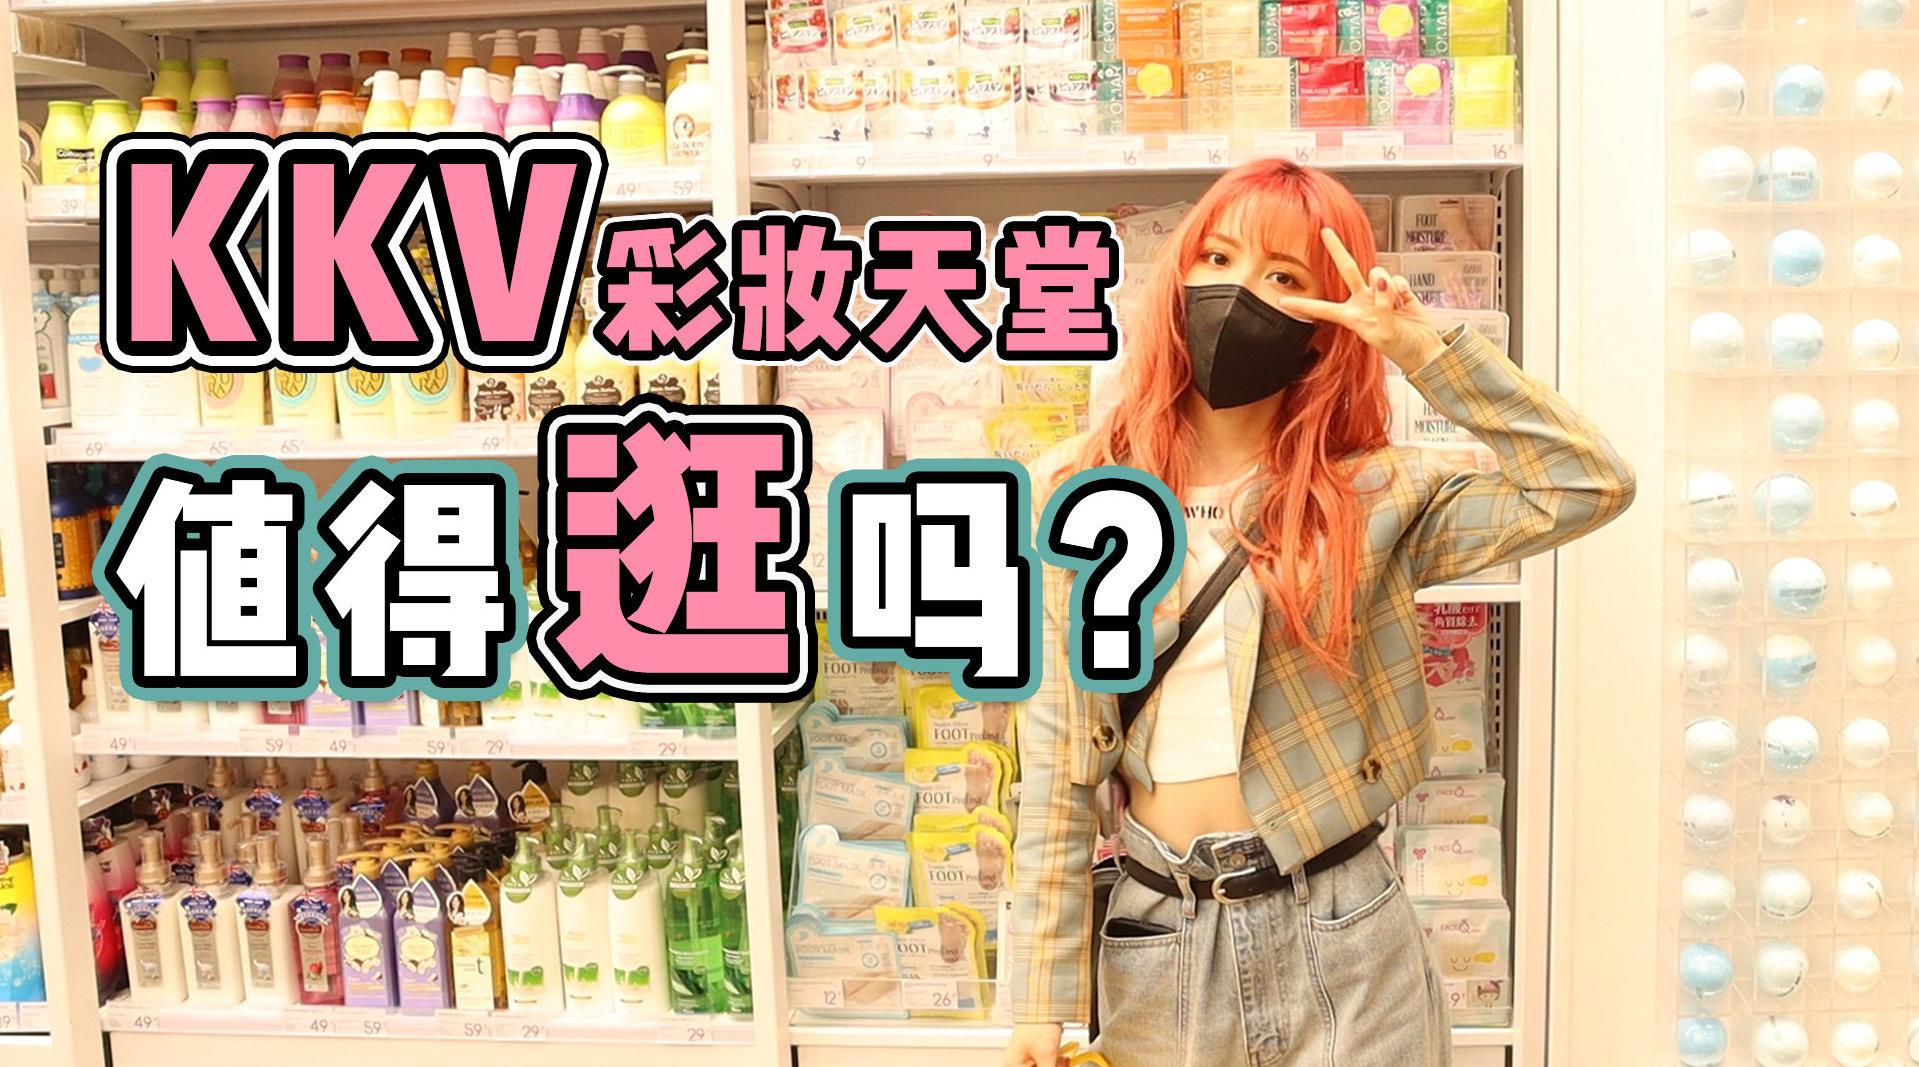 探店丨KKV集合店怎么逛?